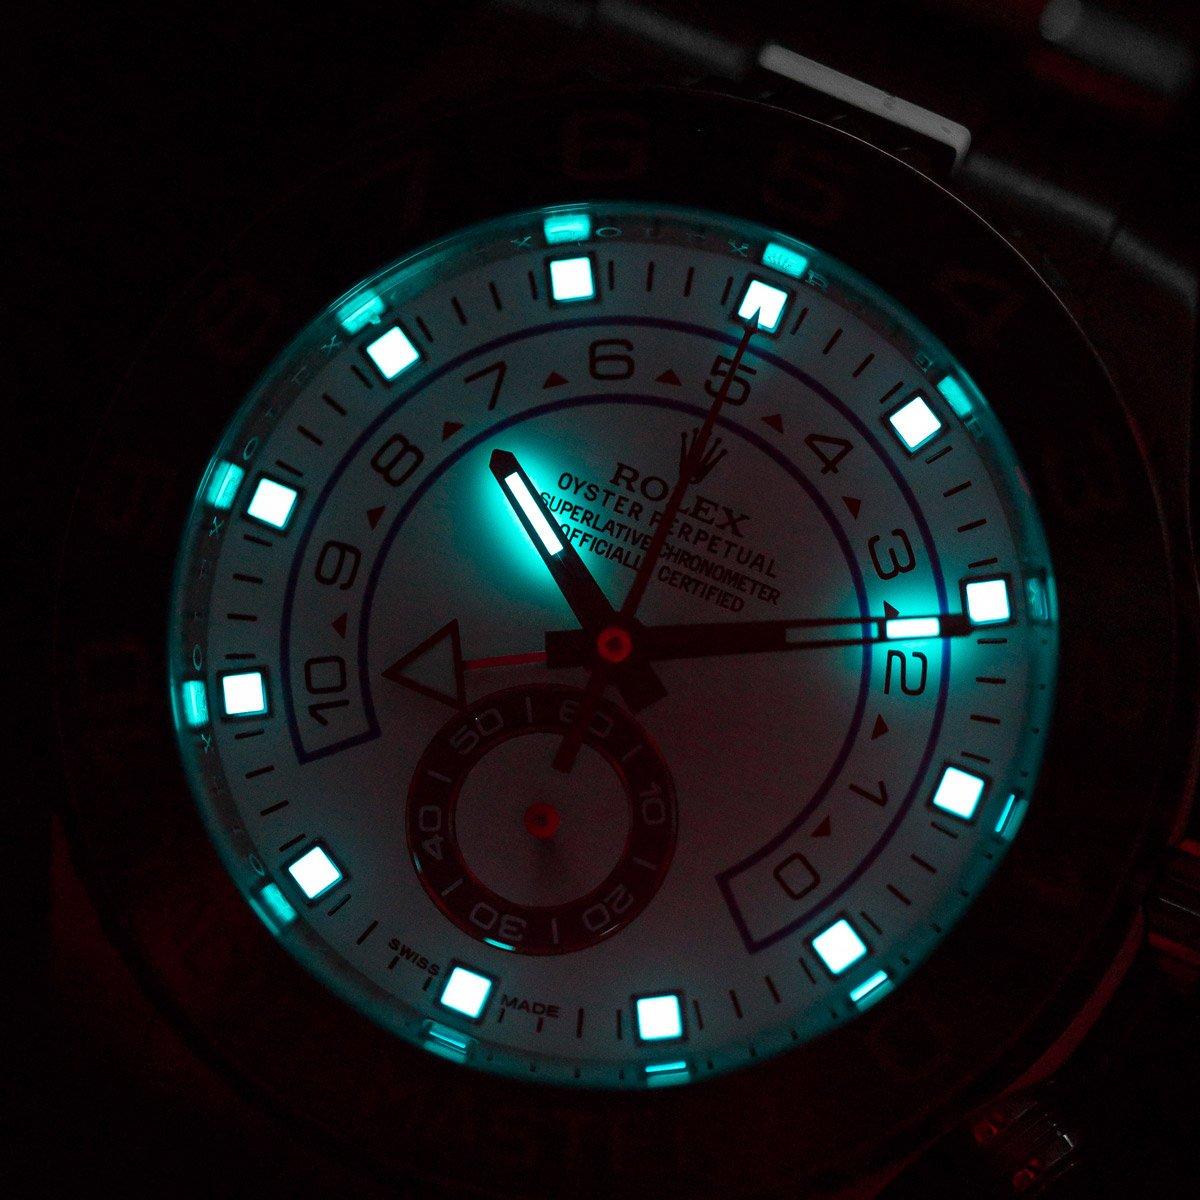 Chromalight vs Superluminova